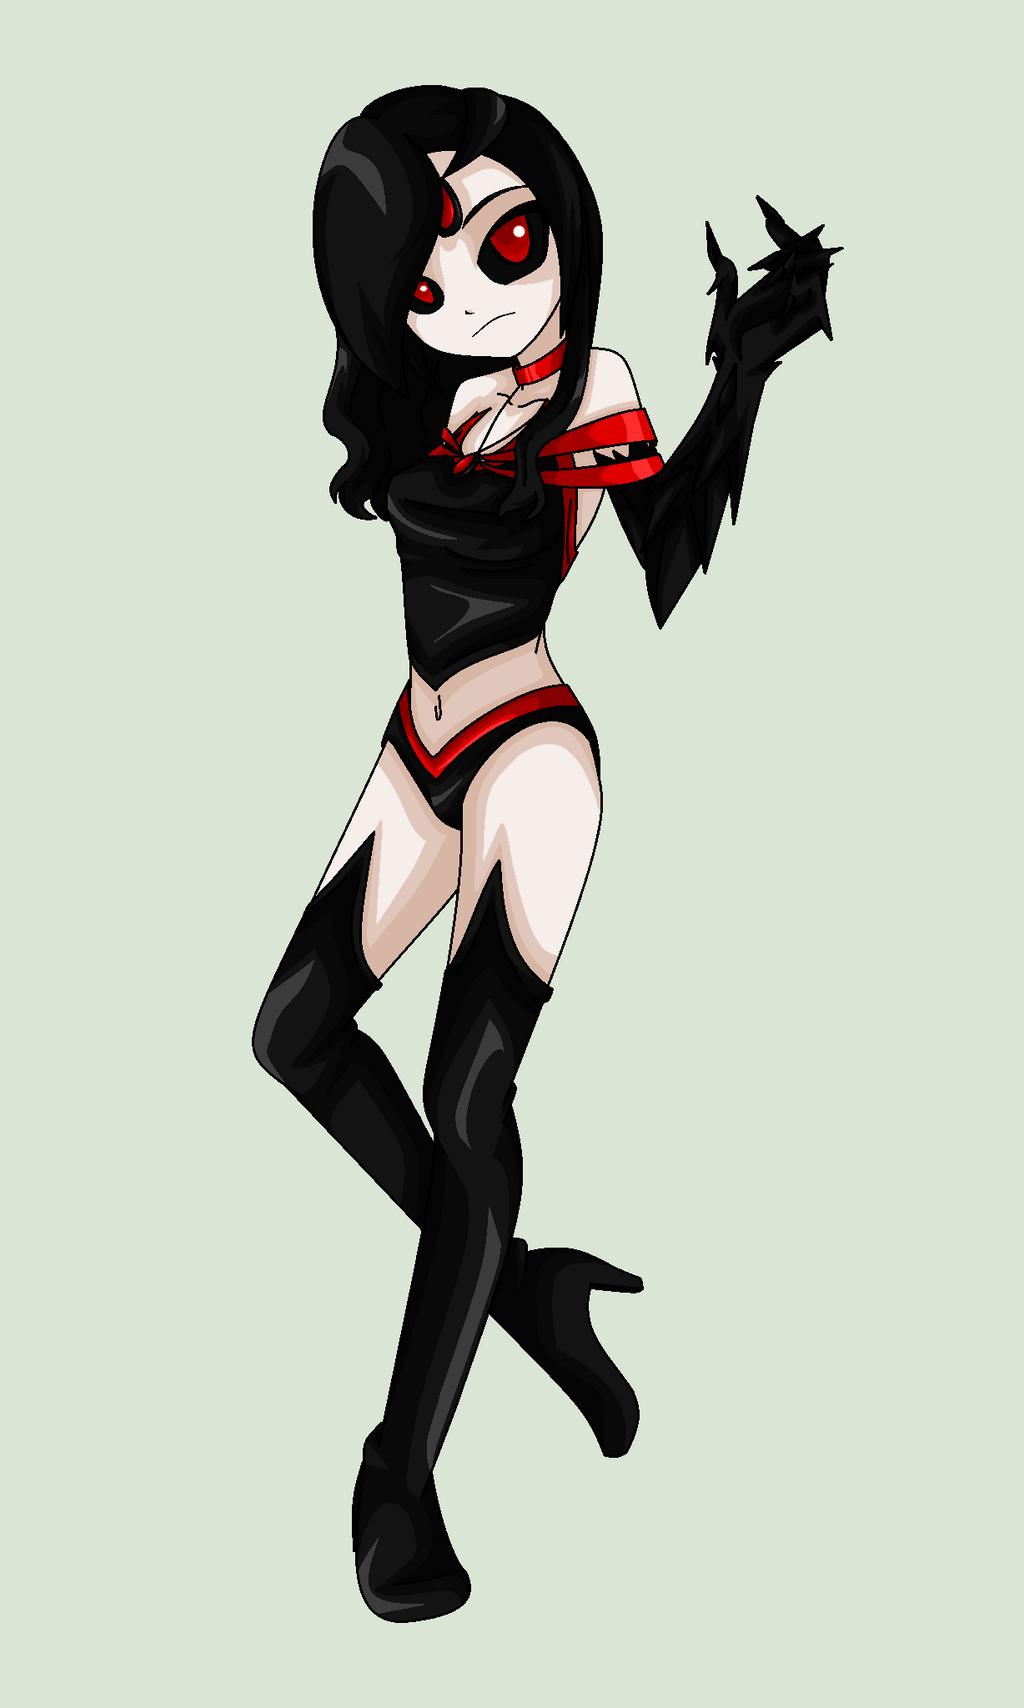 Raven's Demon Form by MaliceInTheAbyss on DeviantArt